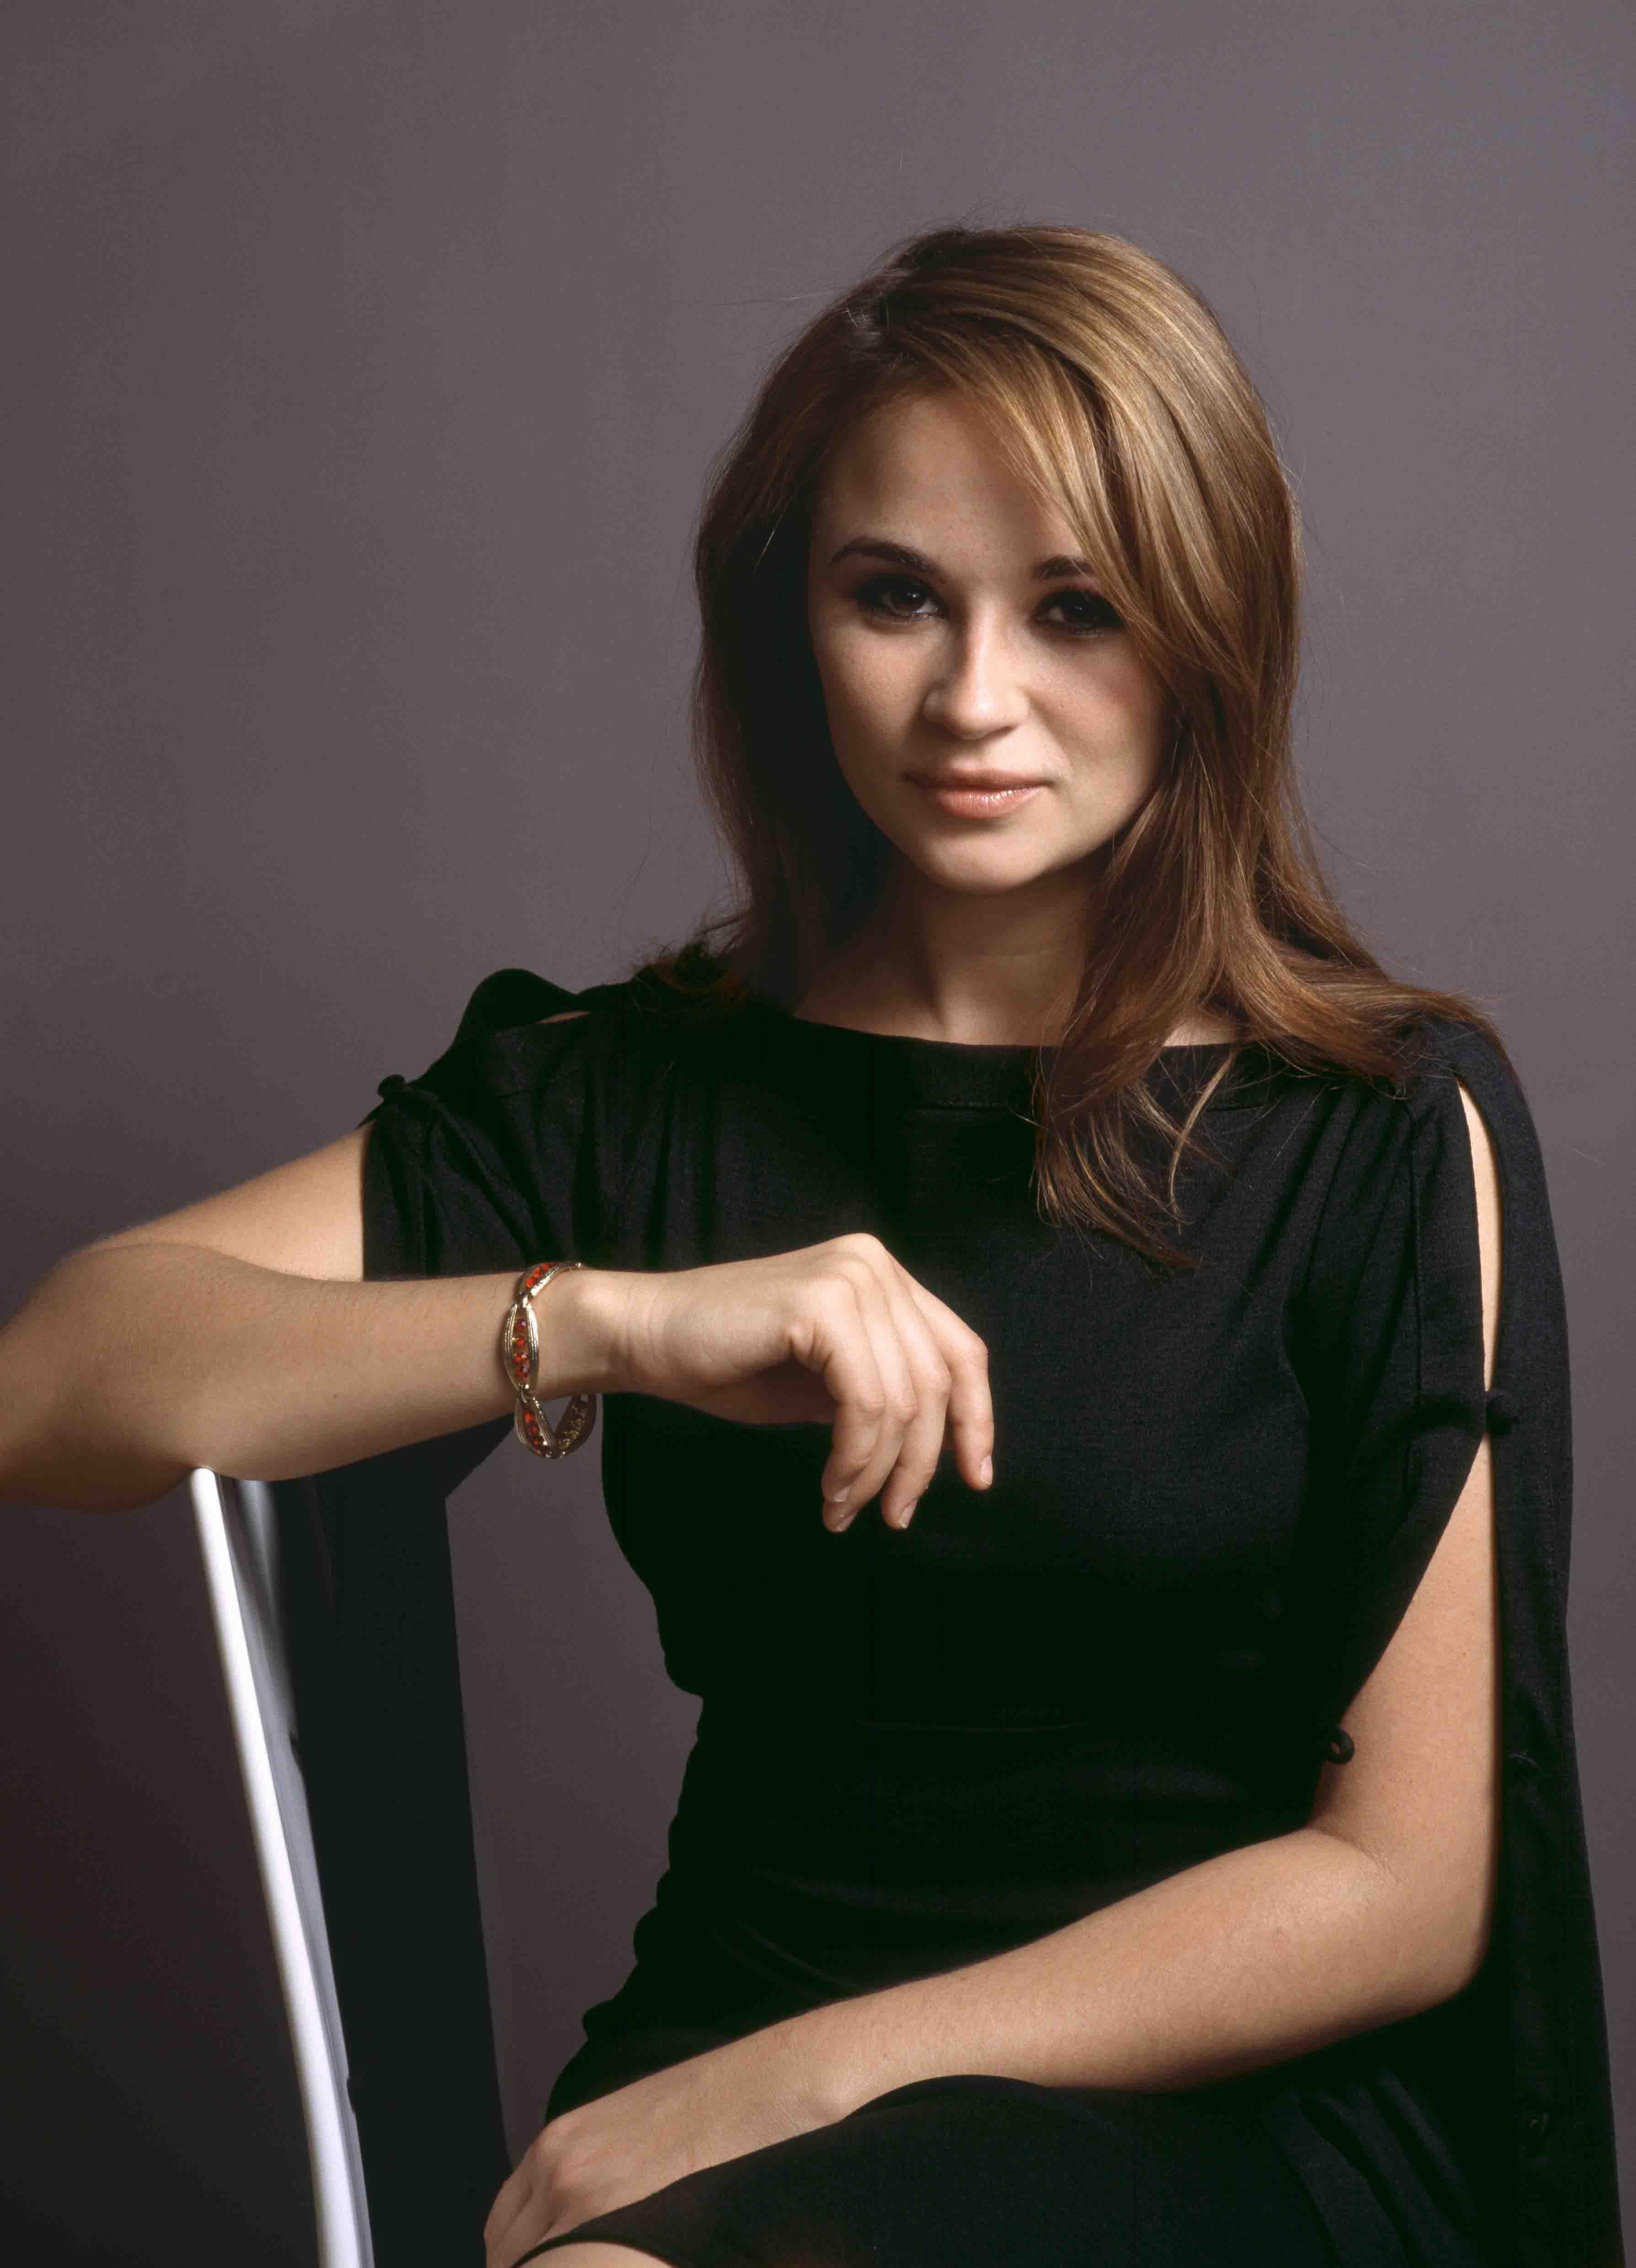 Emma pierson actress photos